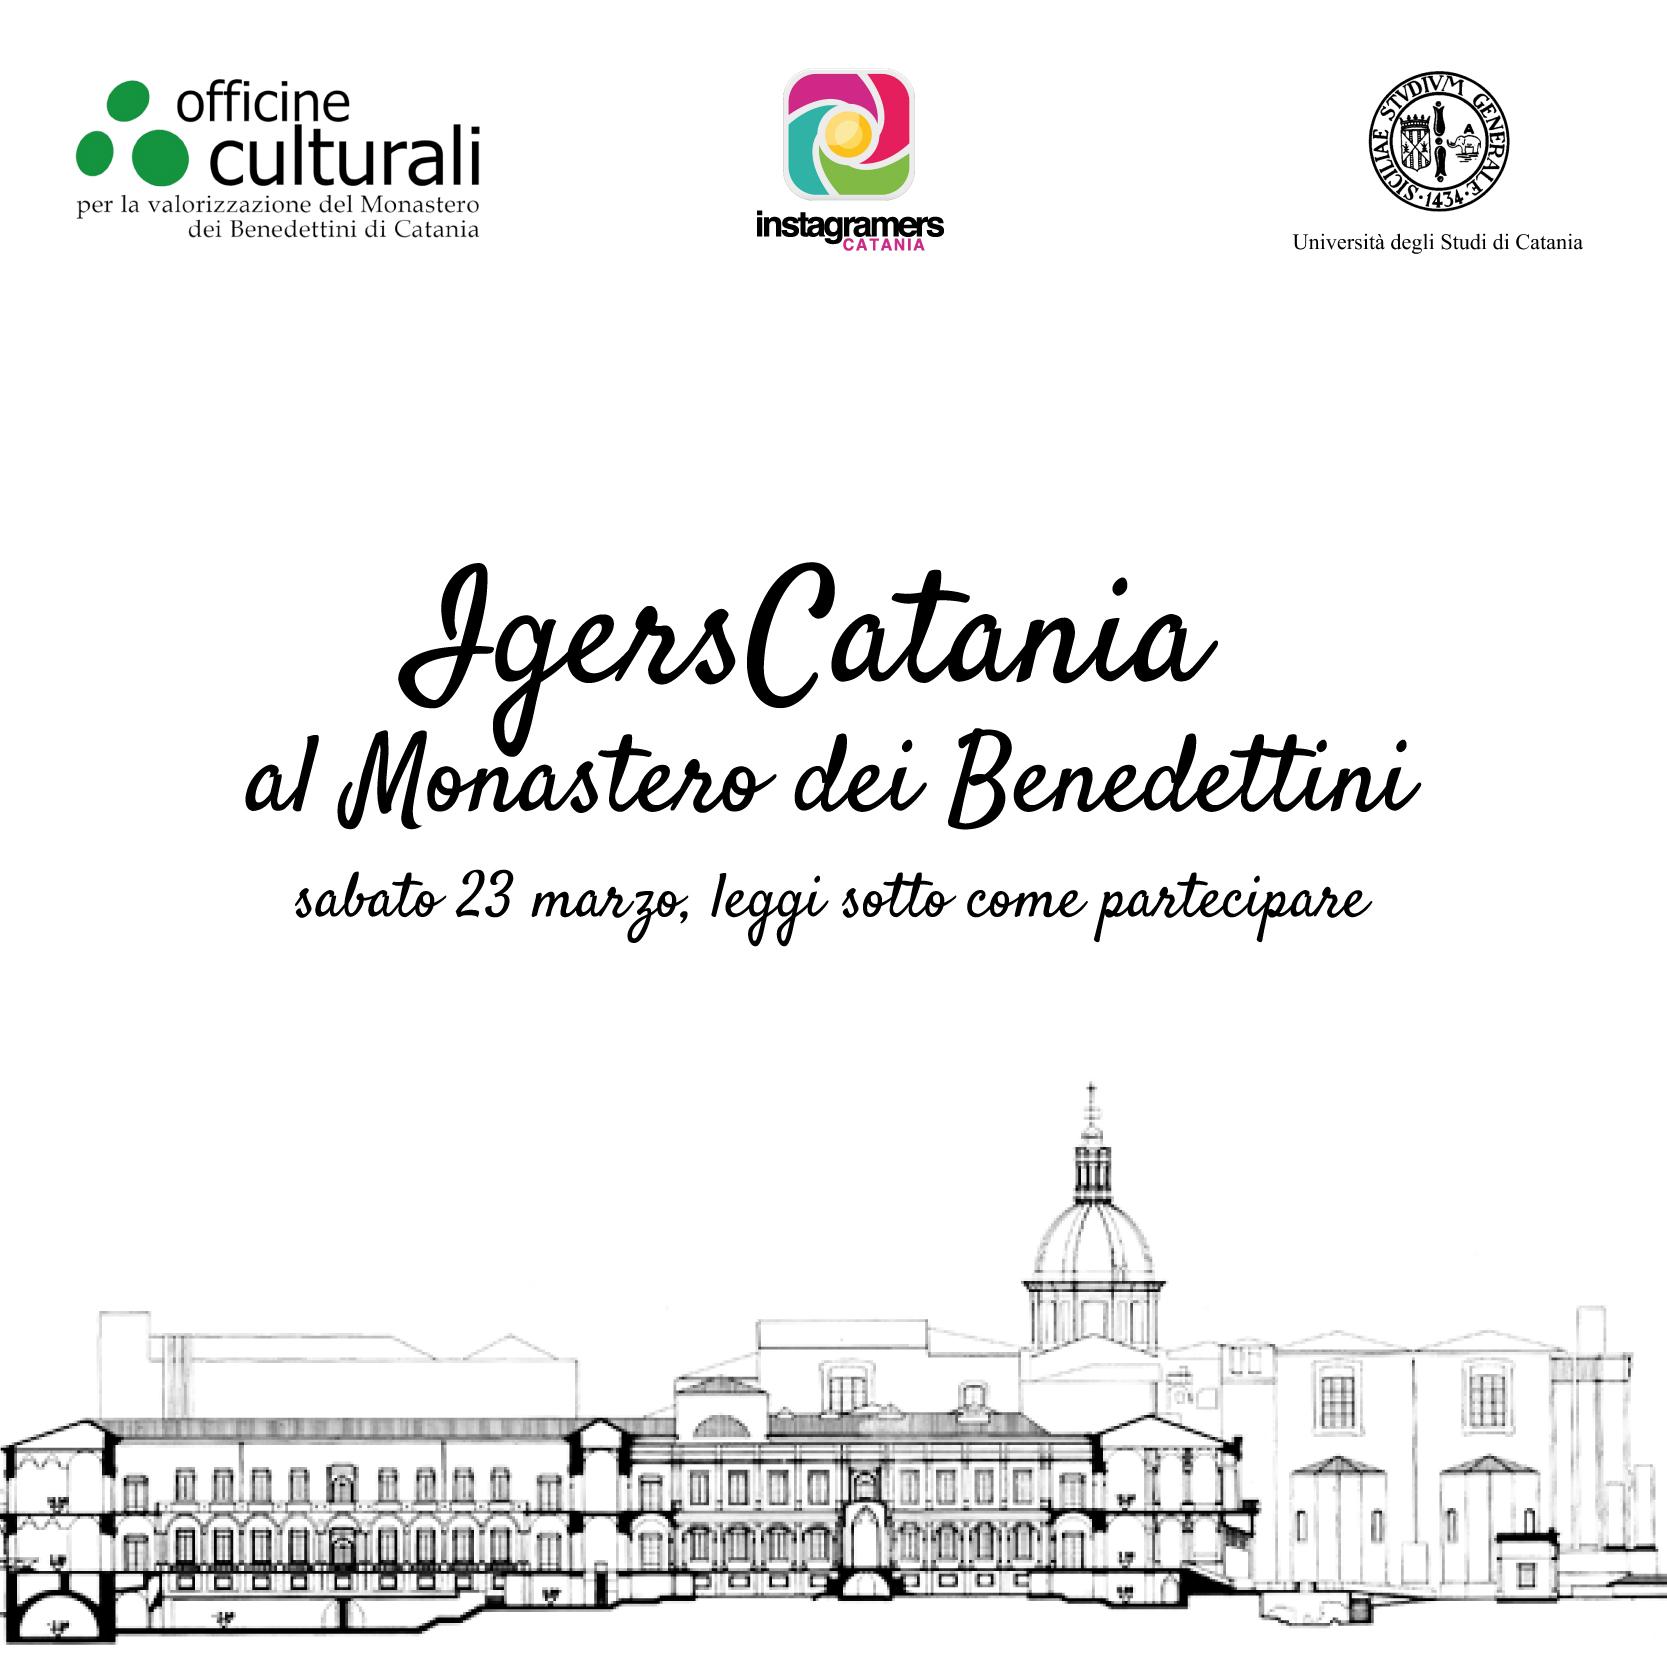 IgersCatania al Monastero dei Benedettini